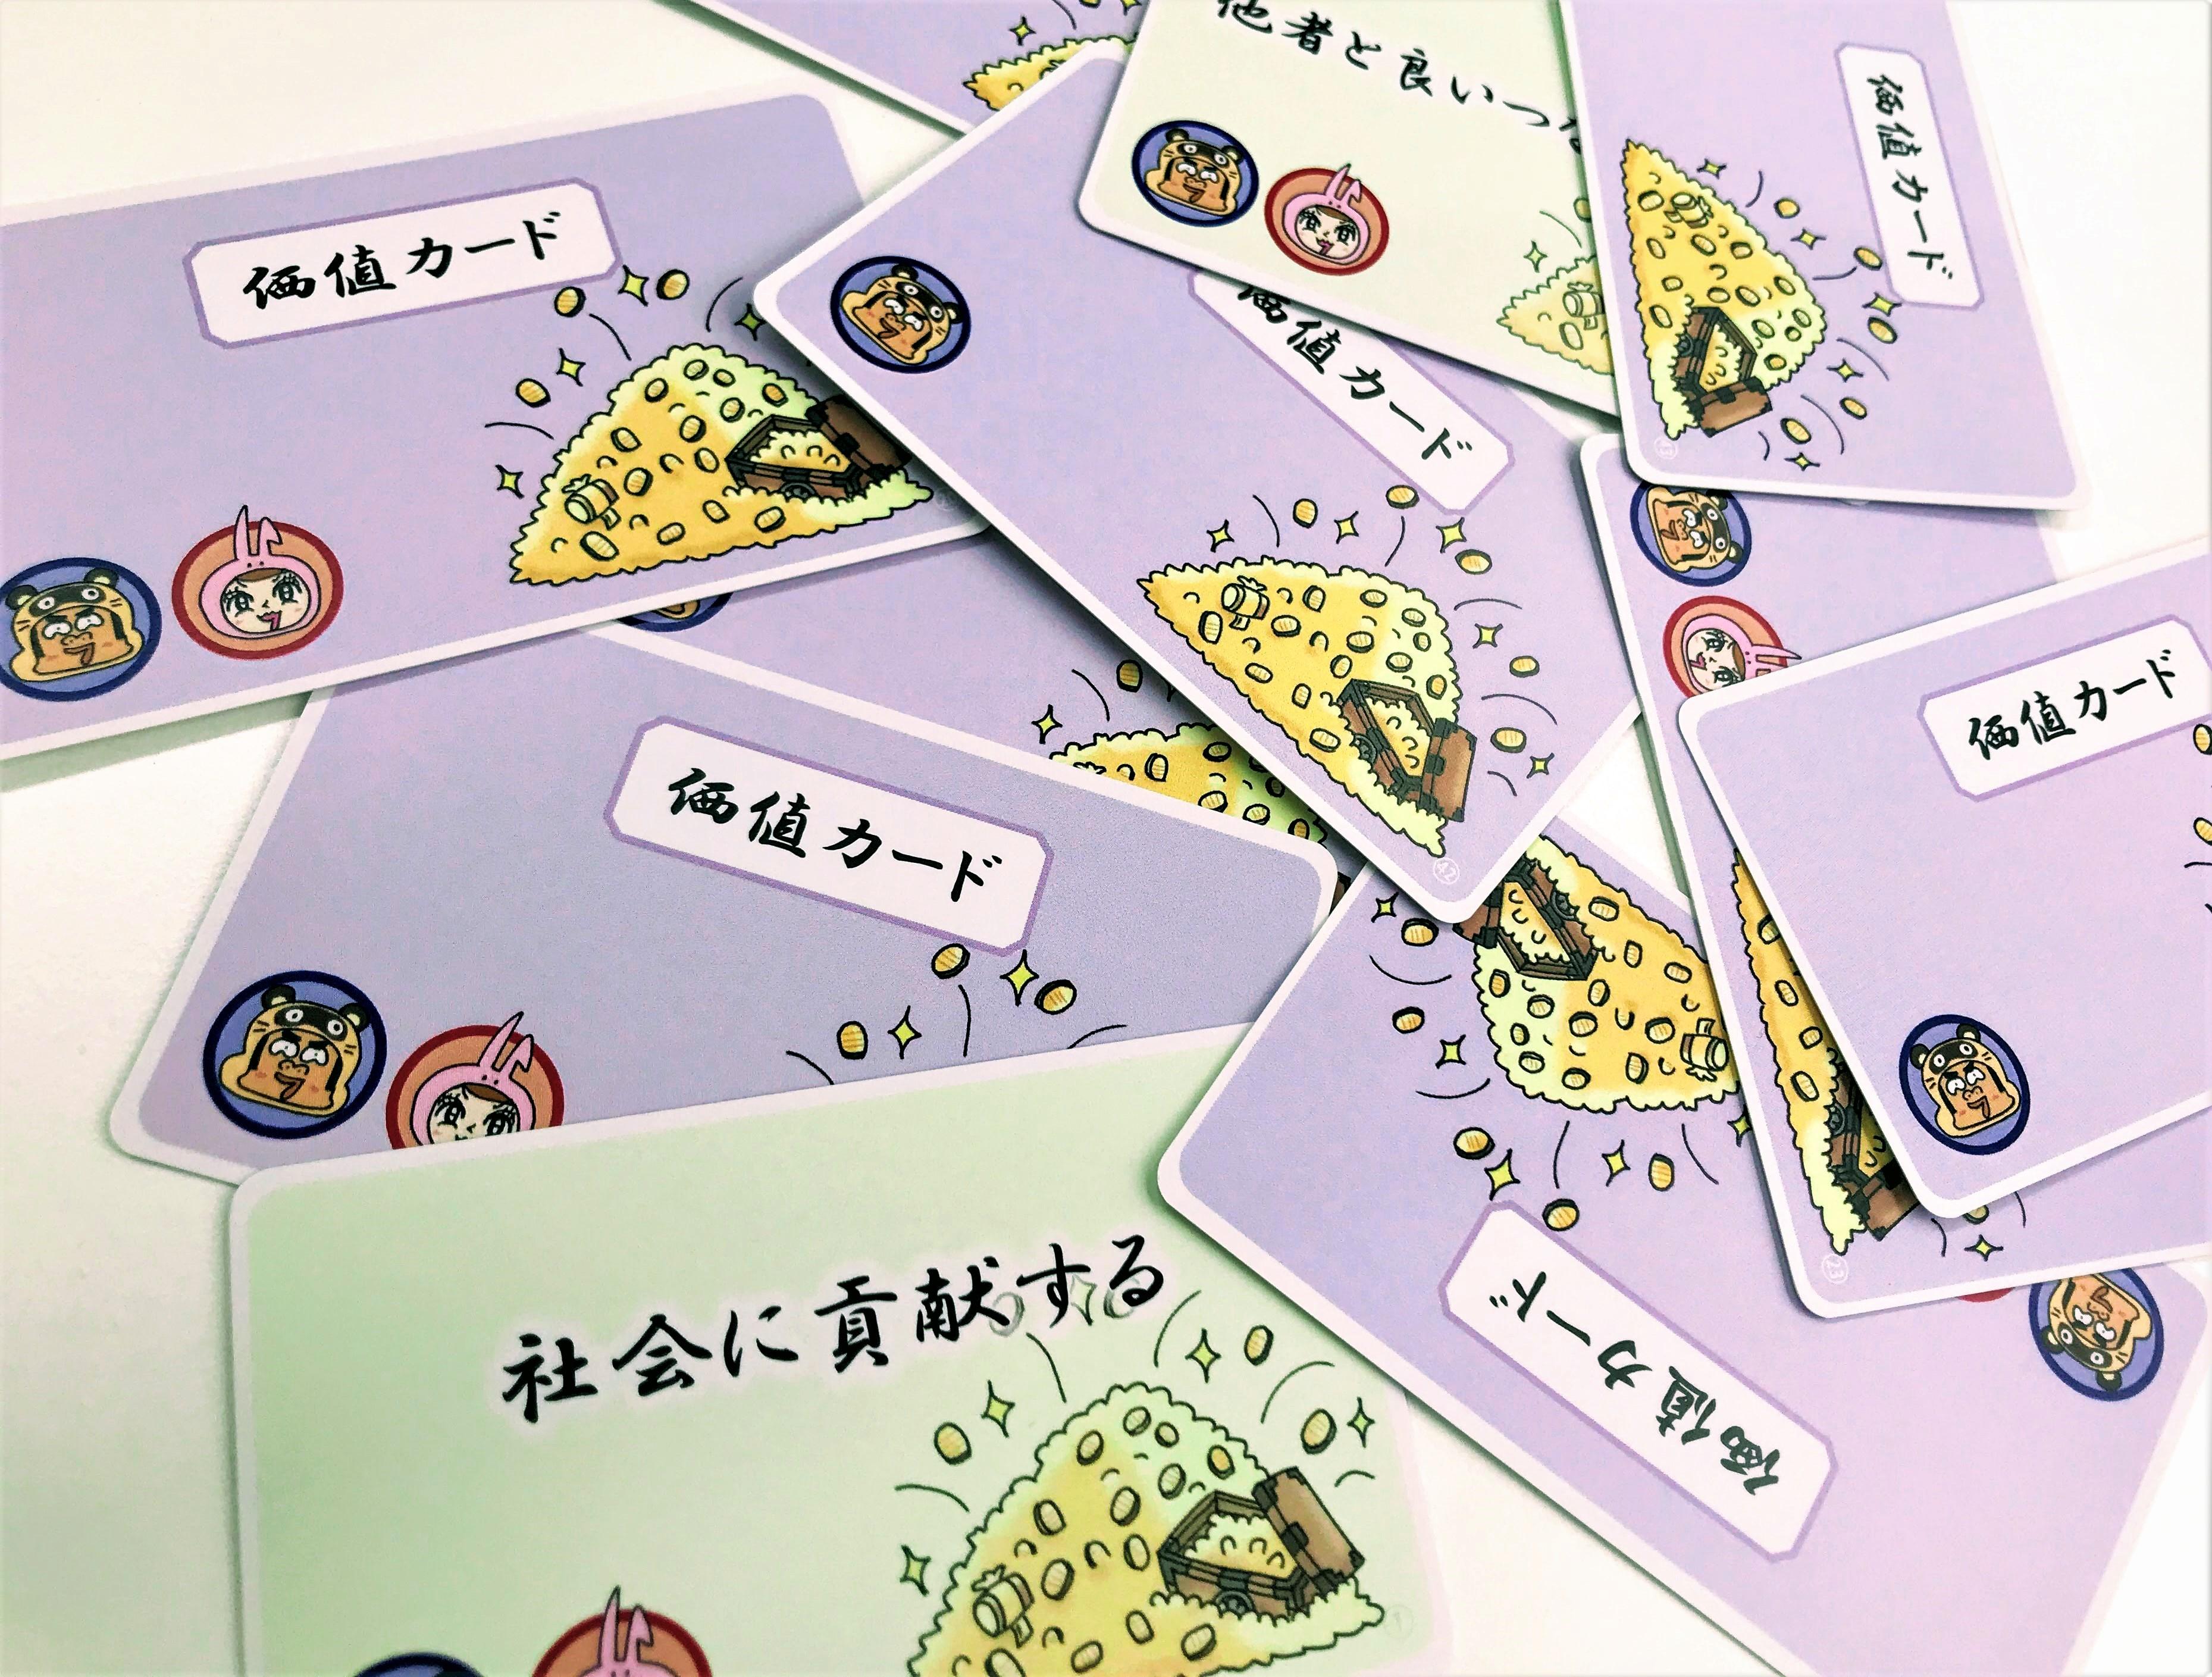 価値観を共有するビジネスゲームかちかち山カード